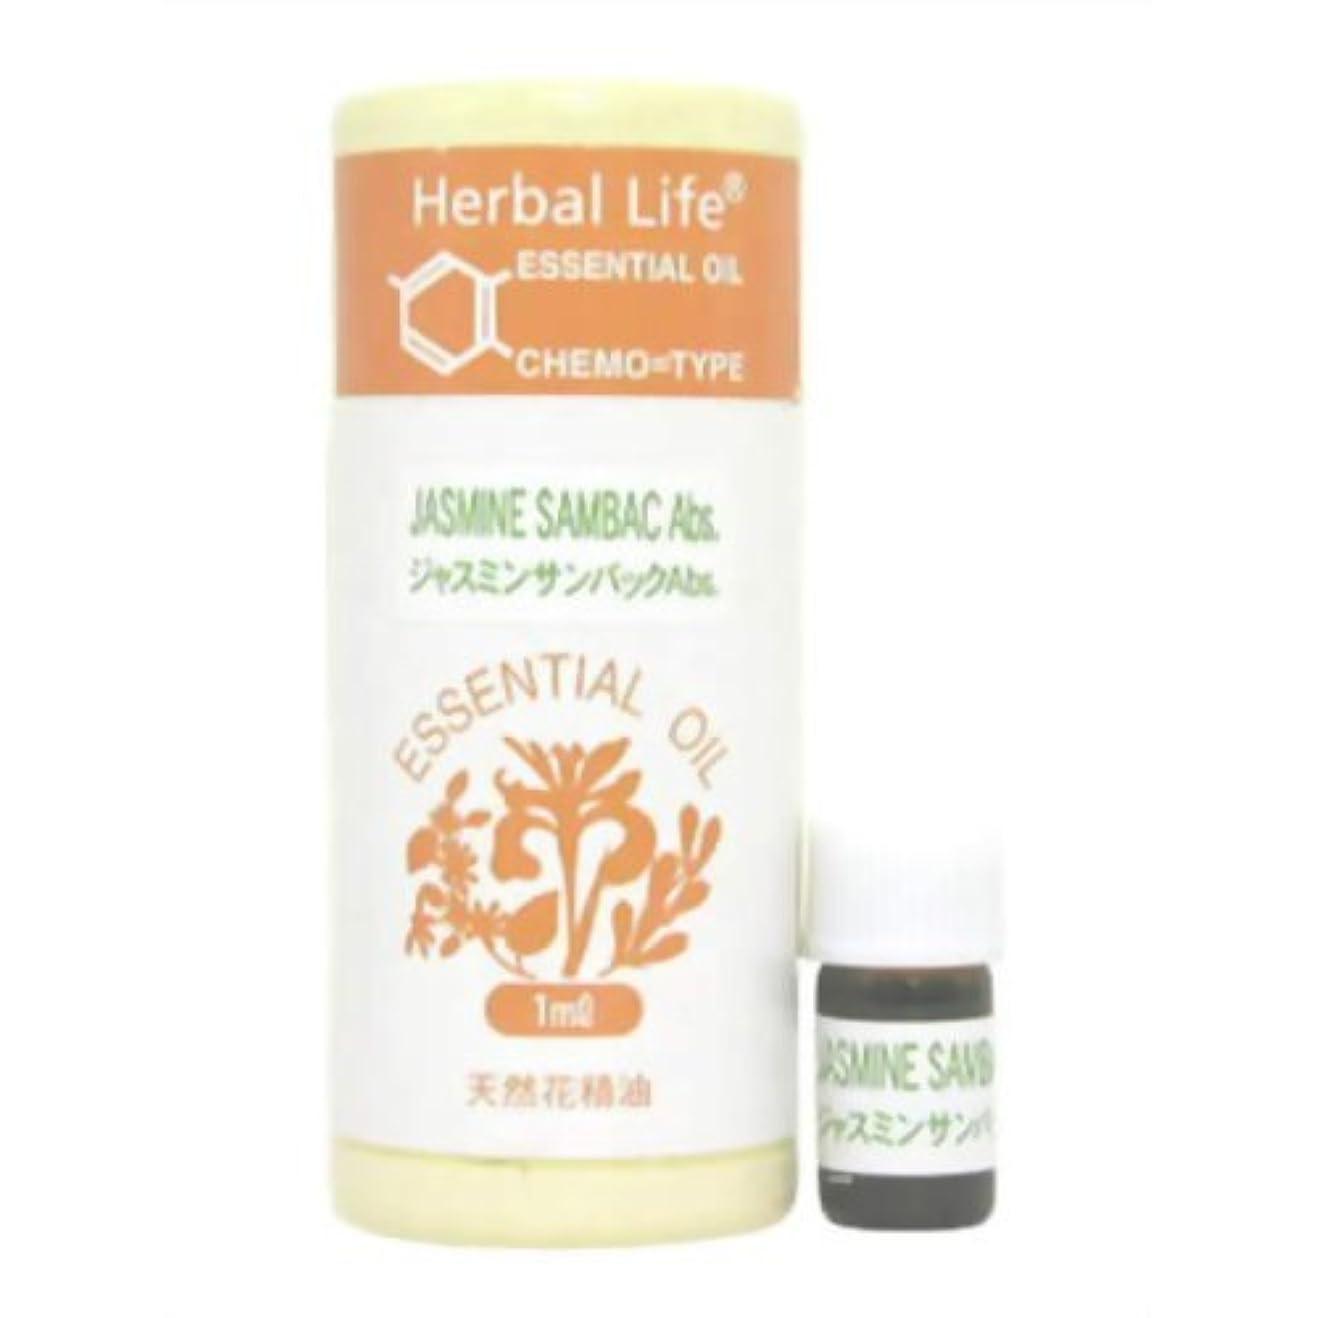 歴史薄汚い階下Herbal Life ジャスミンサンバックAbs 1ml